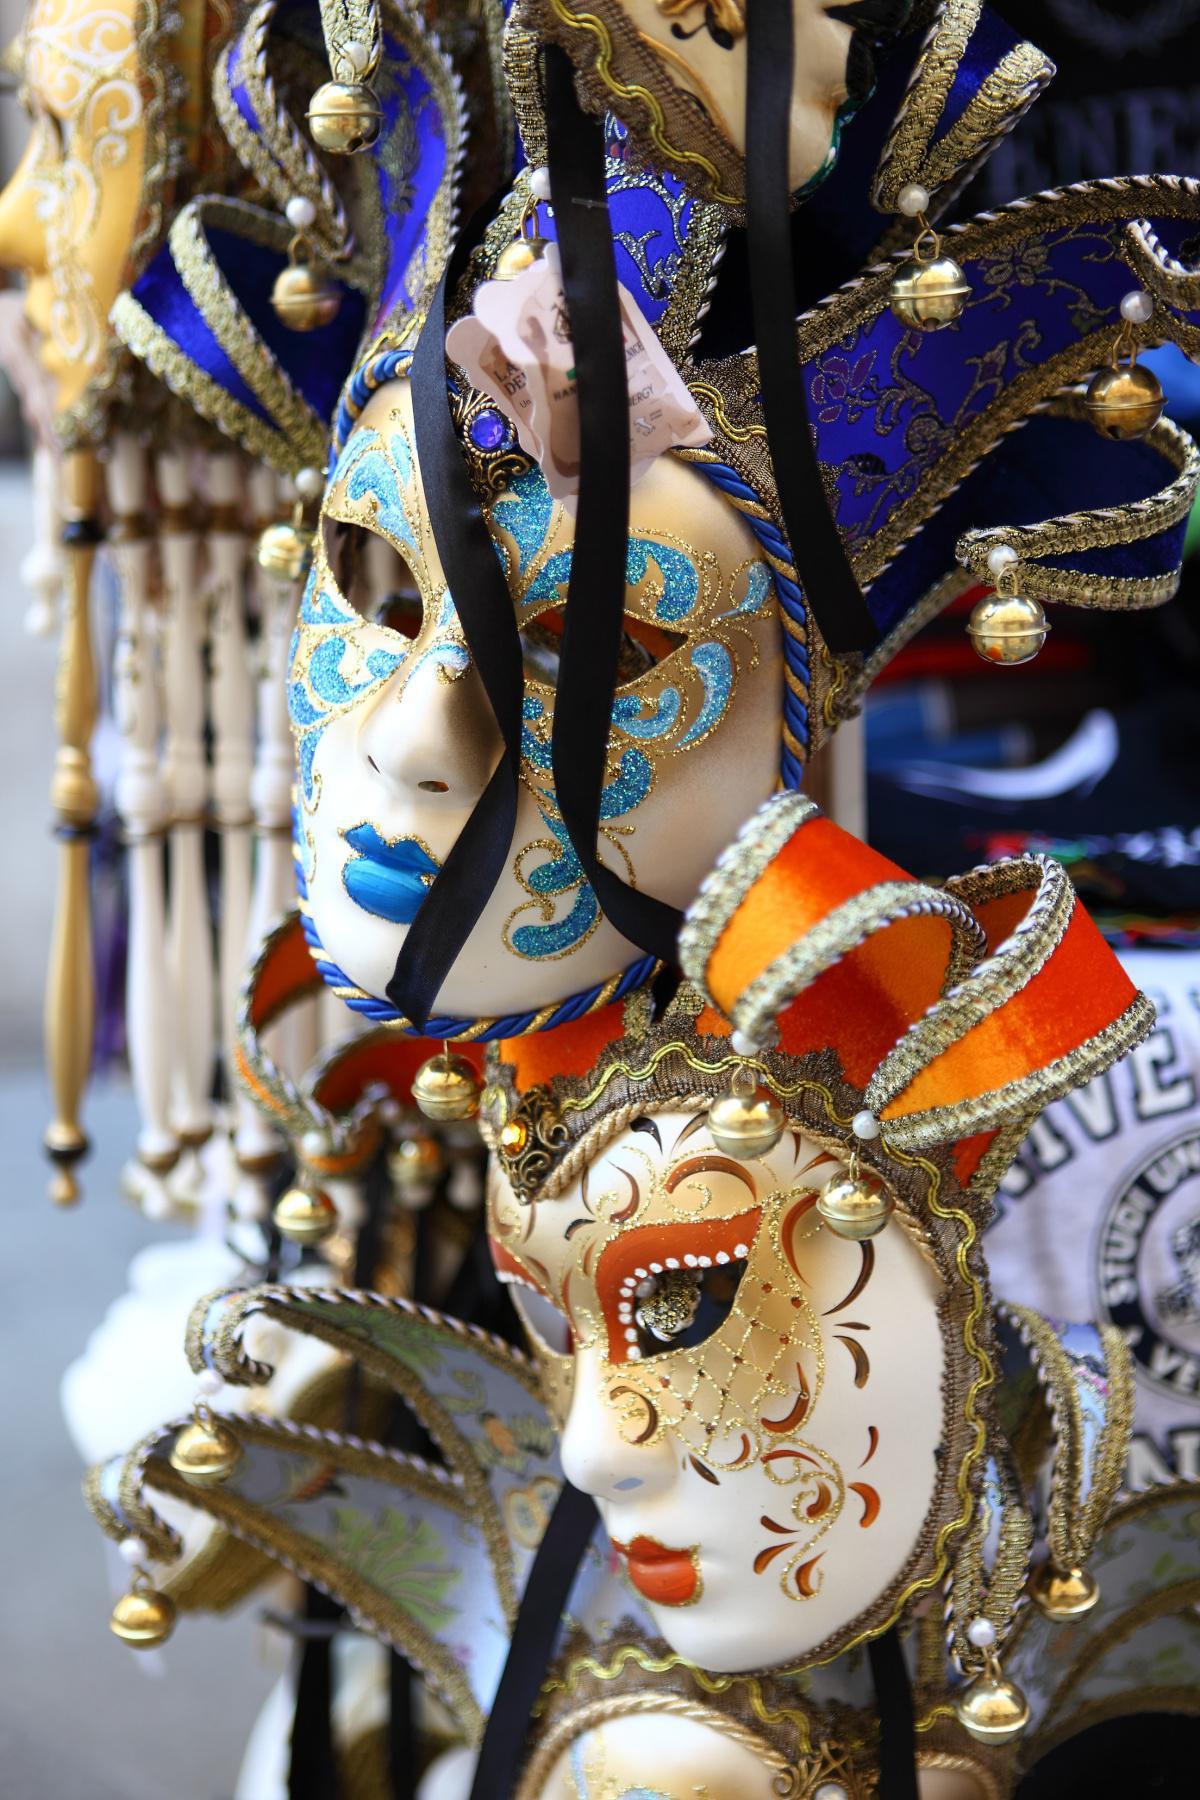 Aviso sobre el desfile de carnaval